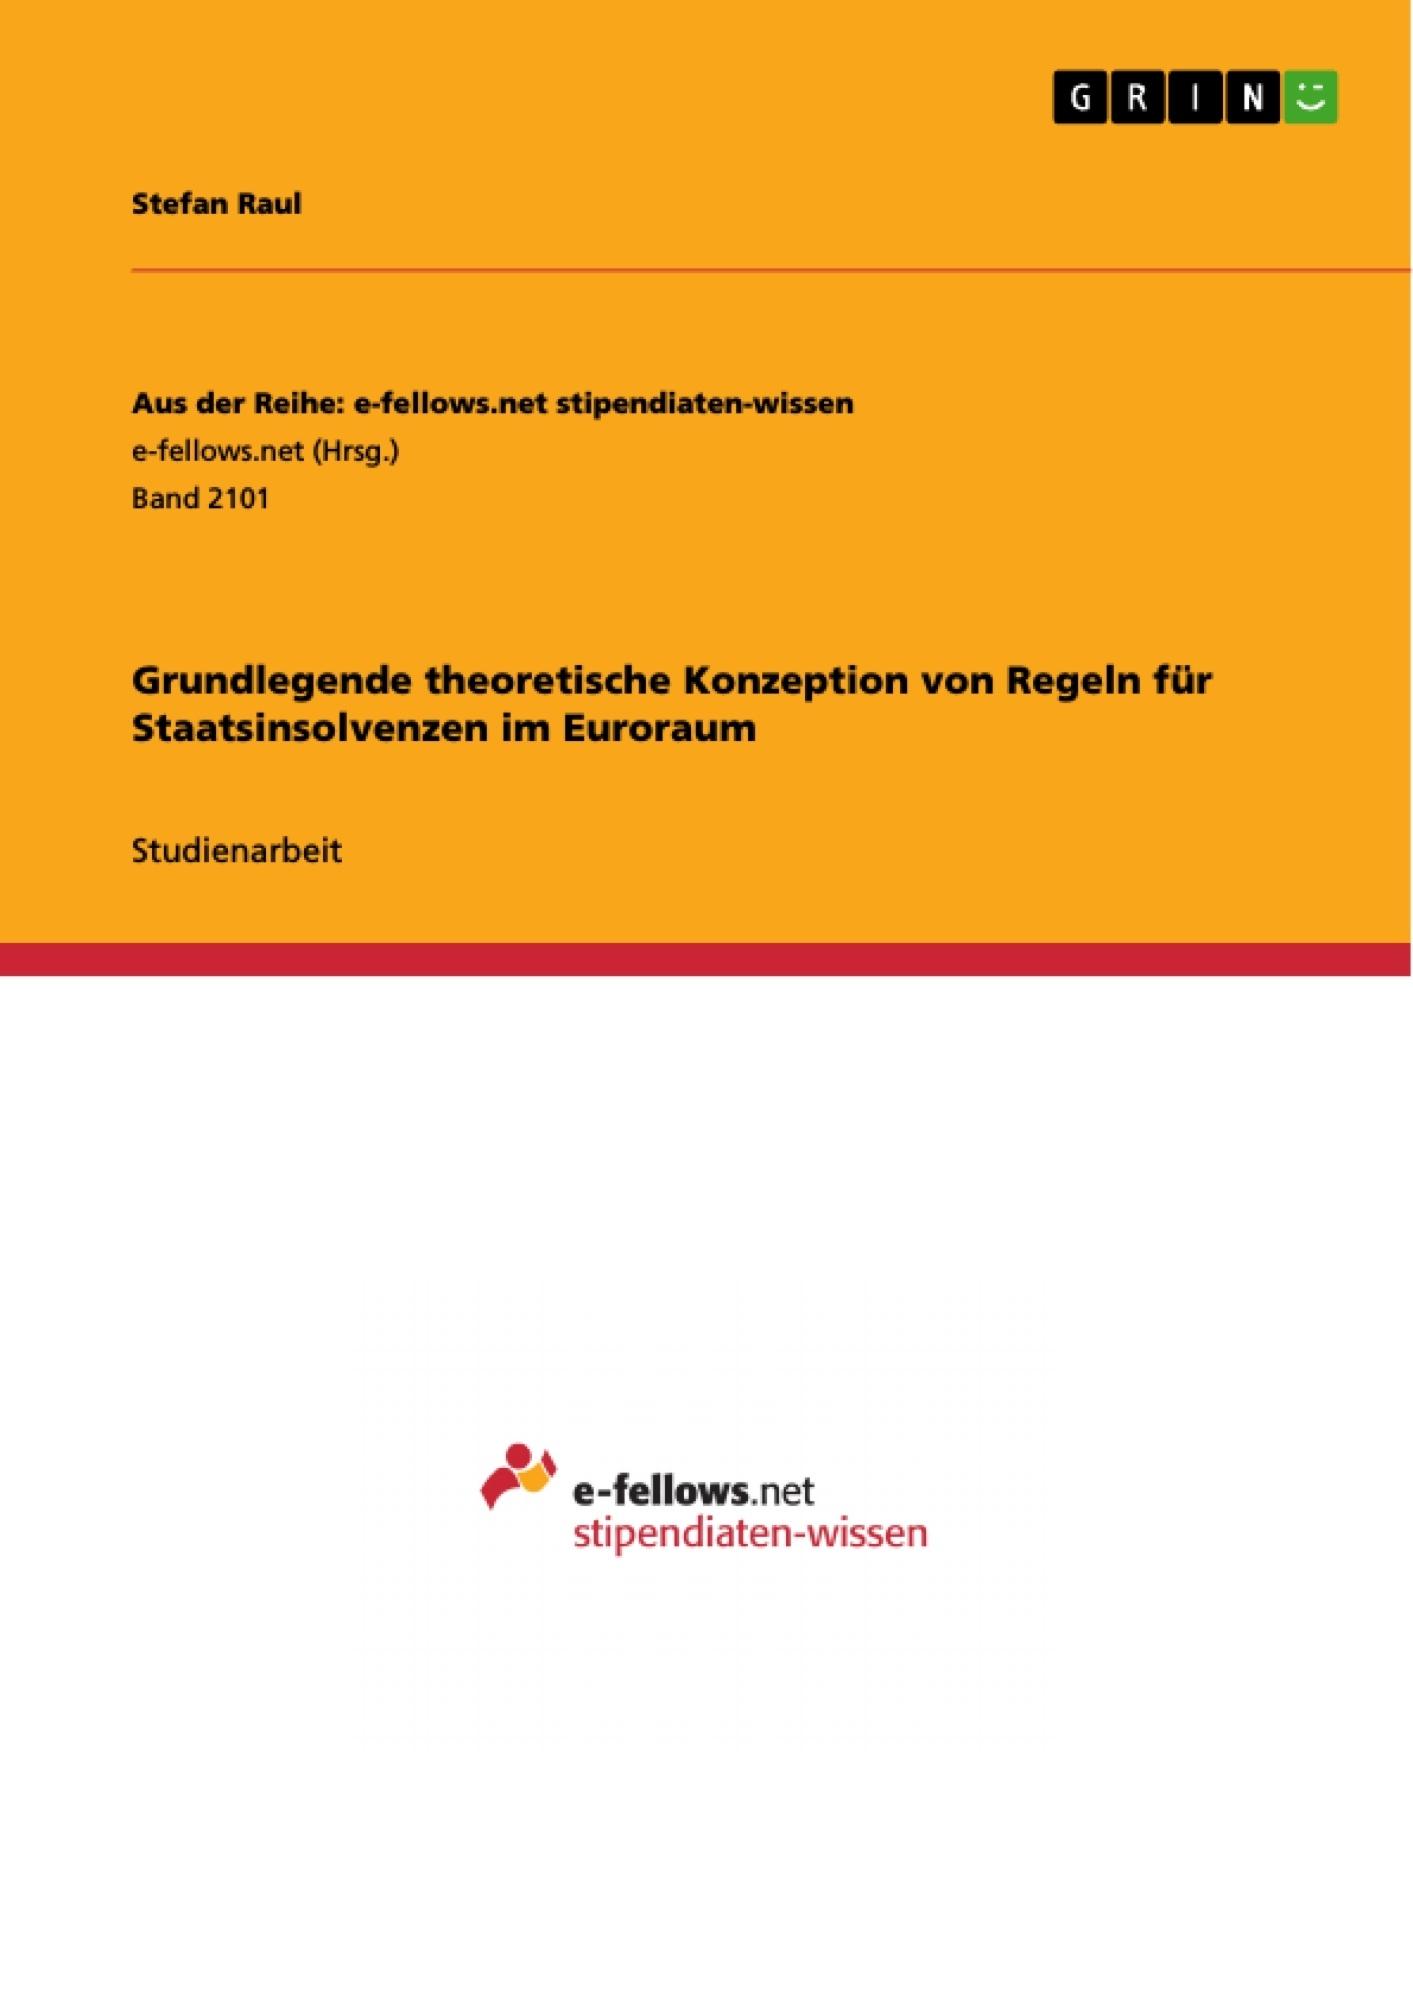 Titel: Grundlegende theoretische Konzeption von Regeln für Staatsinsolvenzen im Euroraum